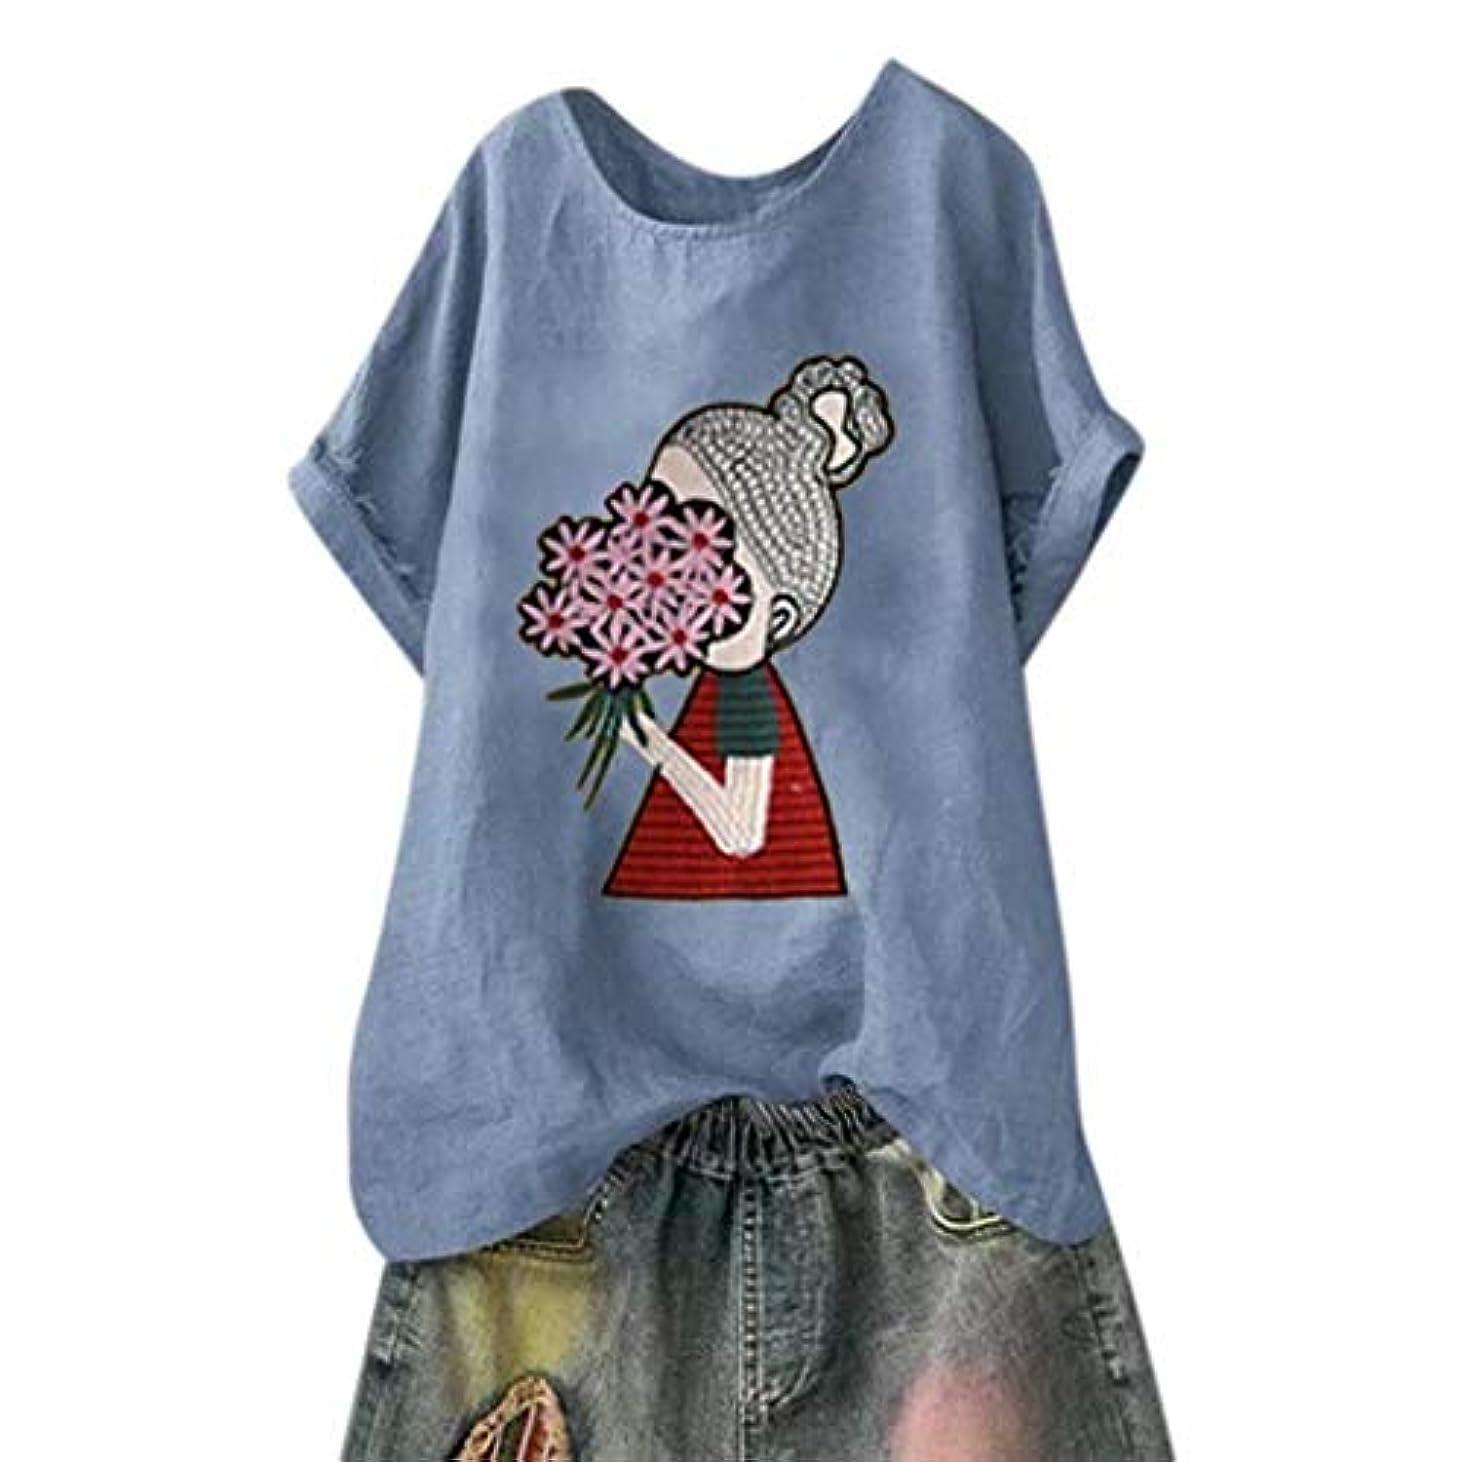 冷笑するデジタル誰のAguleaph レディース Tシャツ おおきいサイズ 半袖 丸首 コットンリネン 象 魚の骨 クジラ 少女柄 トップス 学生 洋服 お出かけ ワイシャツ かっこいい カジュアル シンプル オシャレ 春夏秋 綿麻 ブラウス